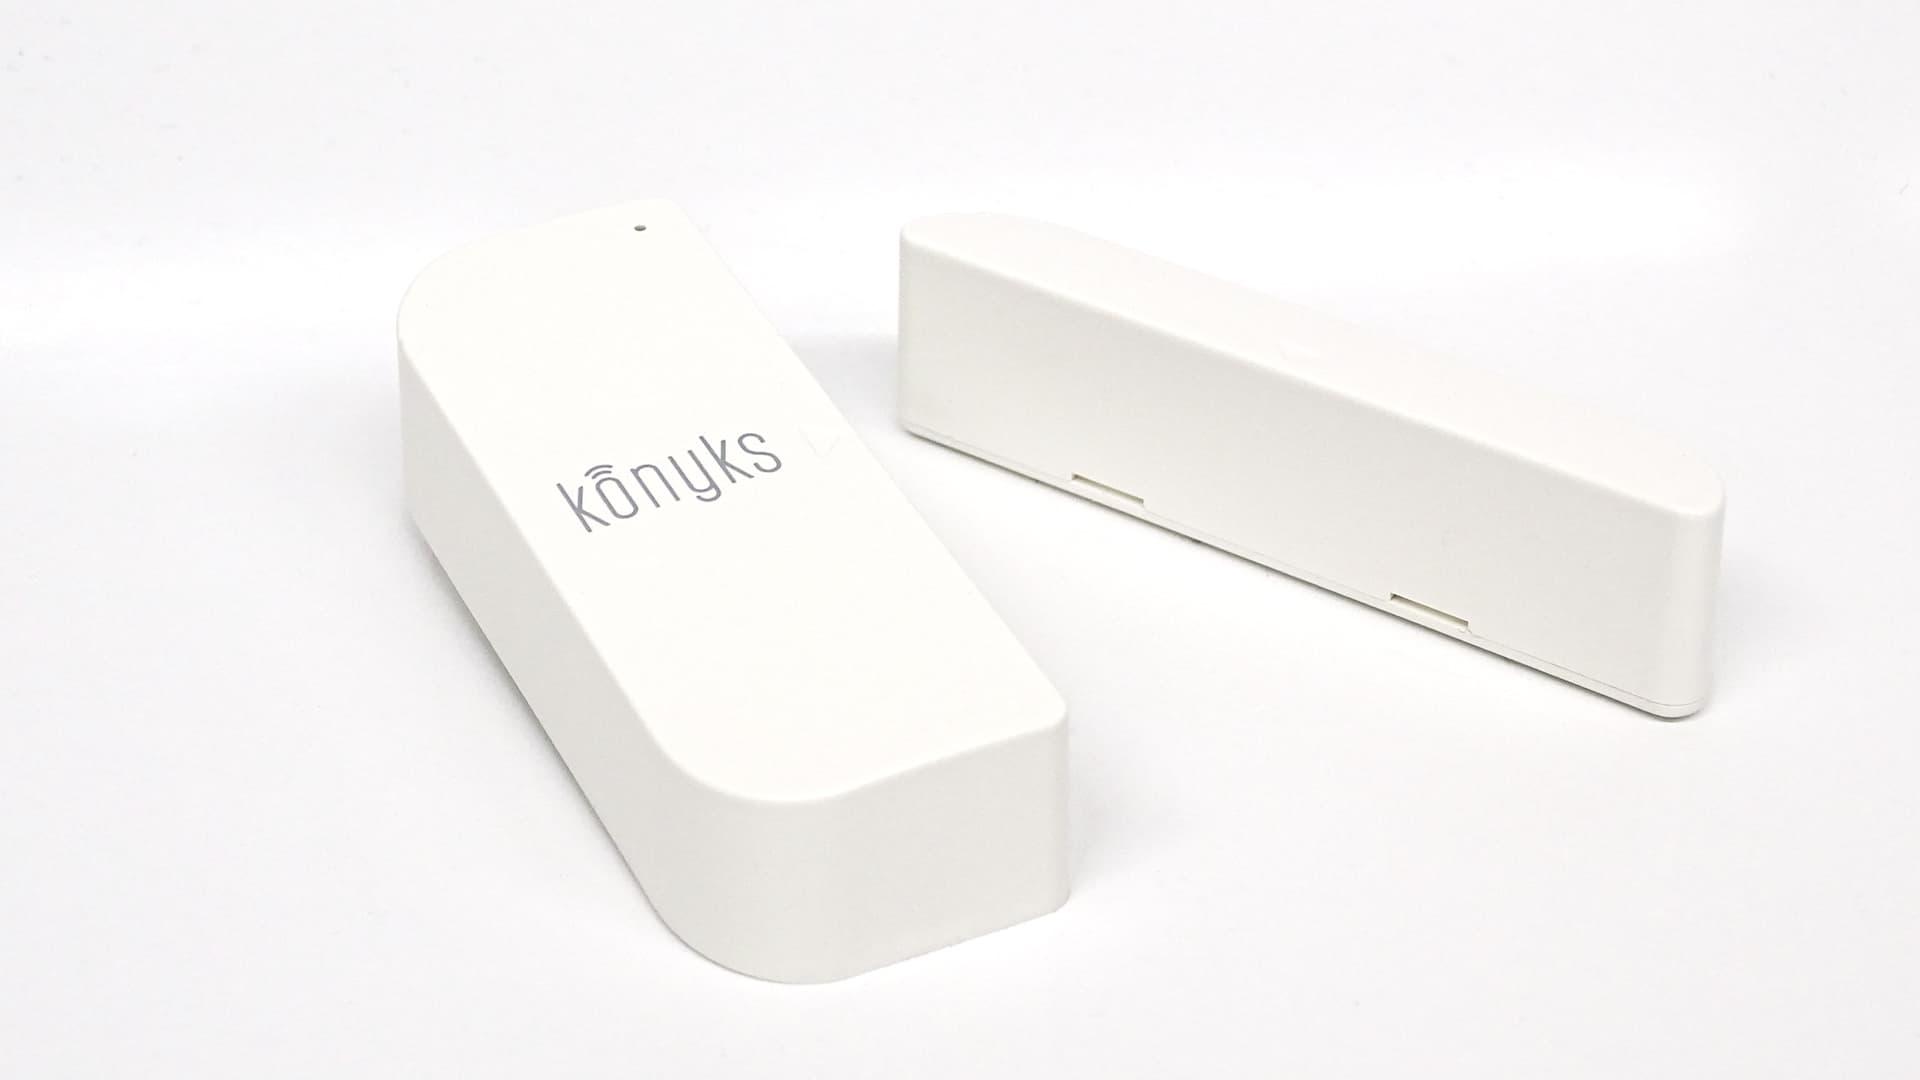 Senso, le détecteur d'ouverture WiFi de Konyks